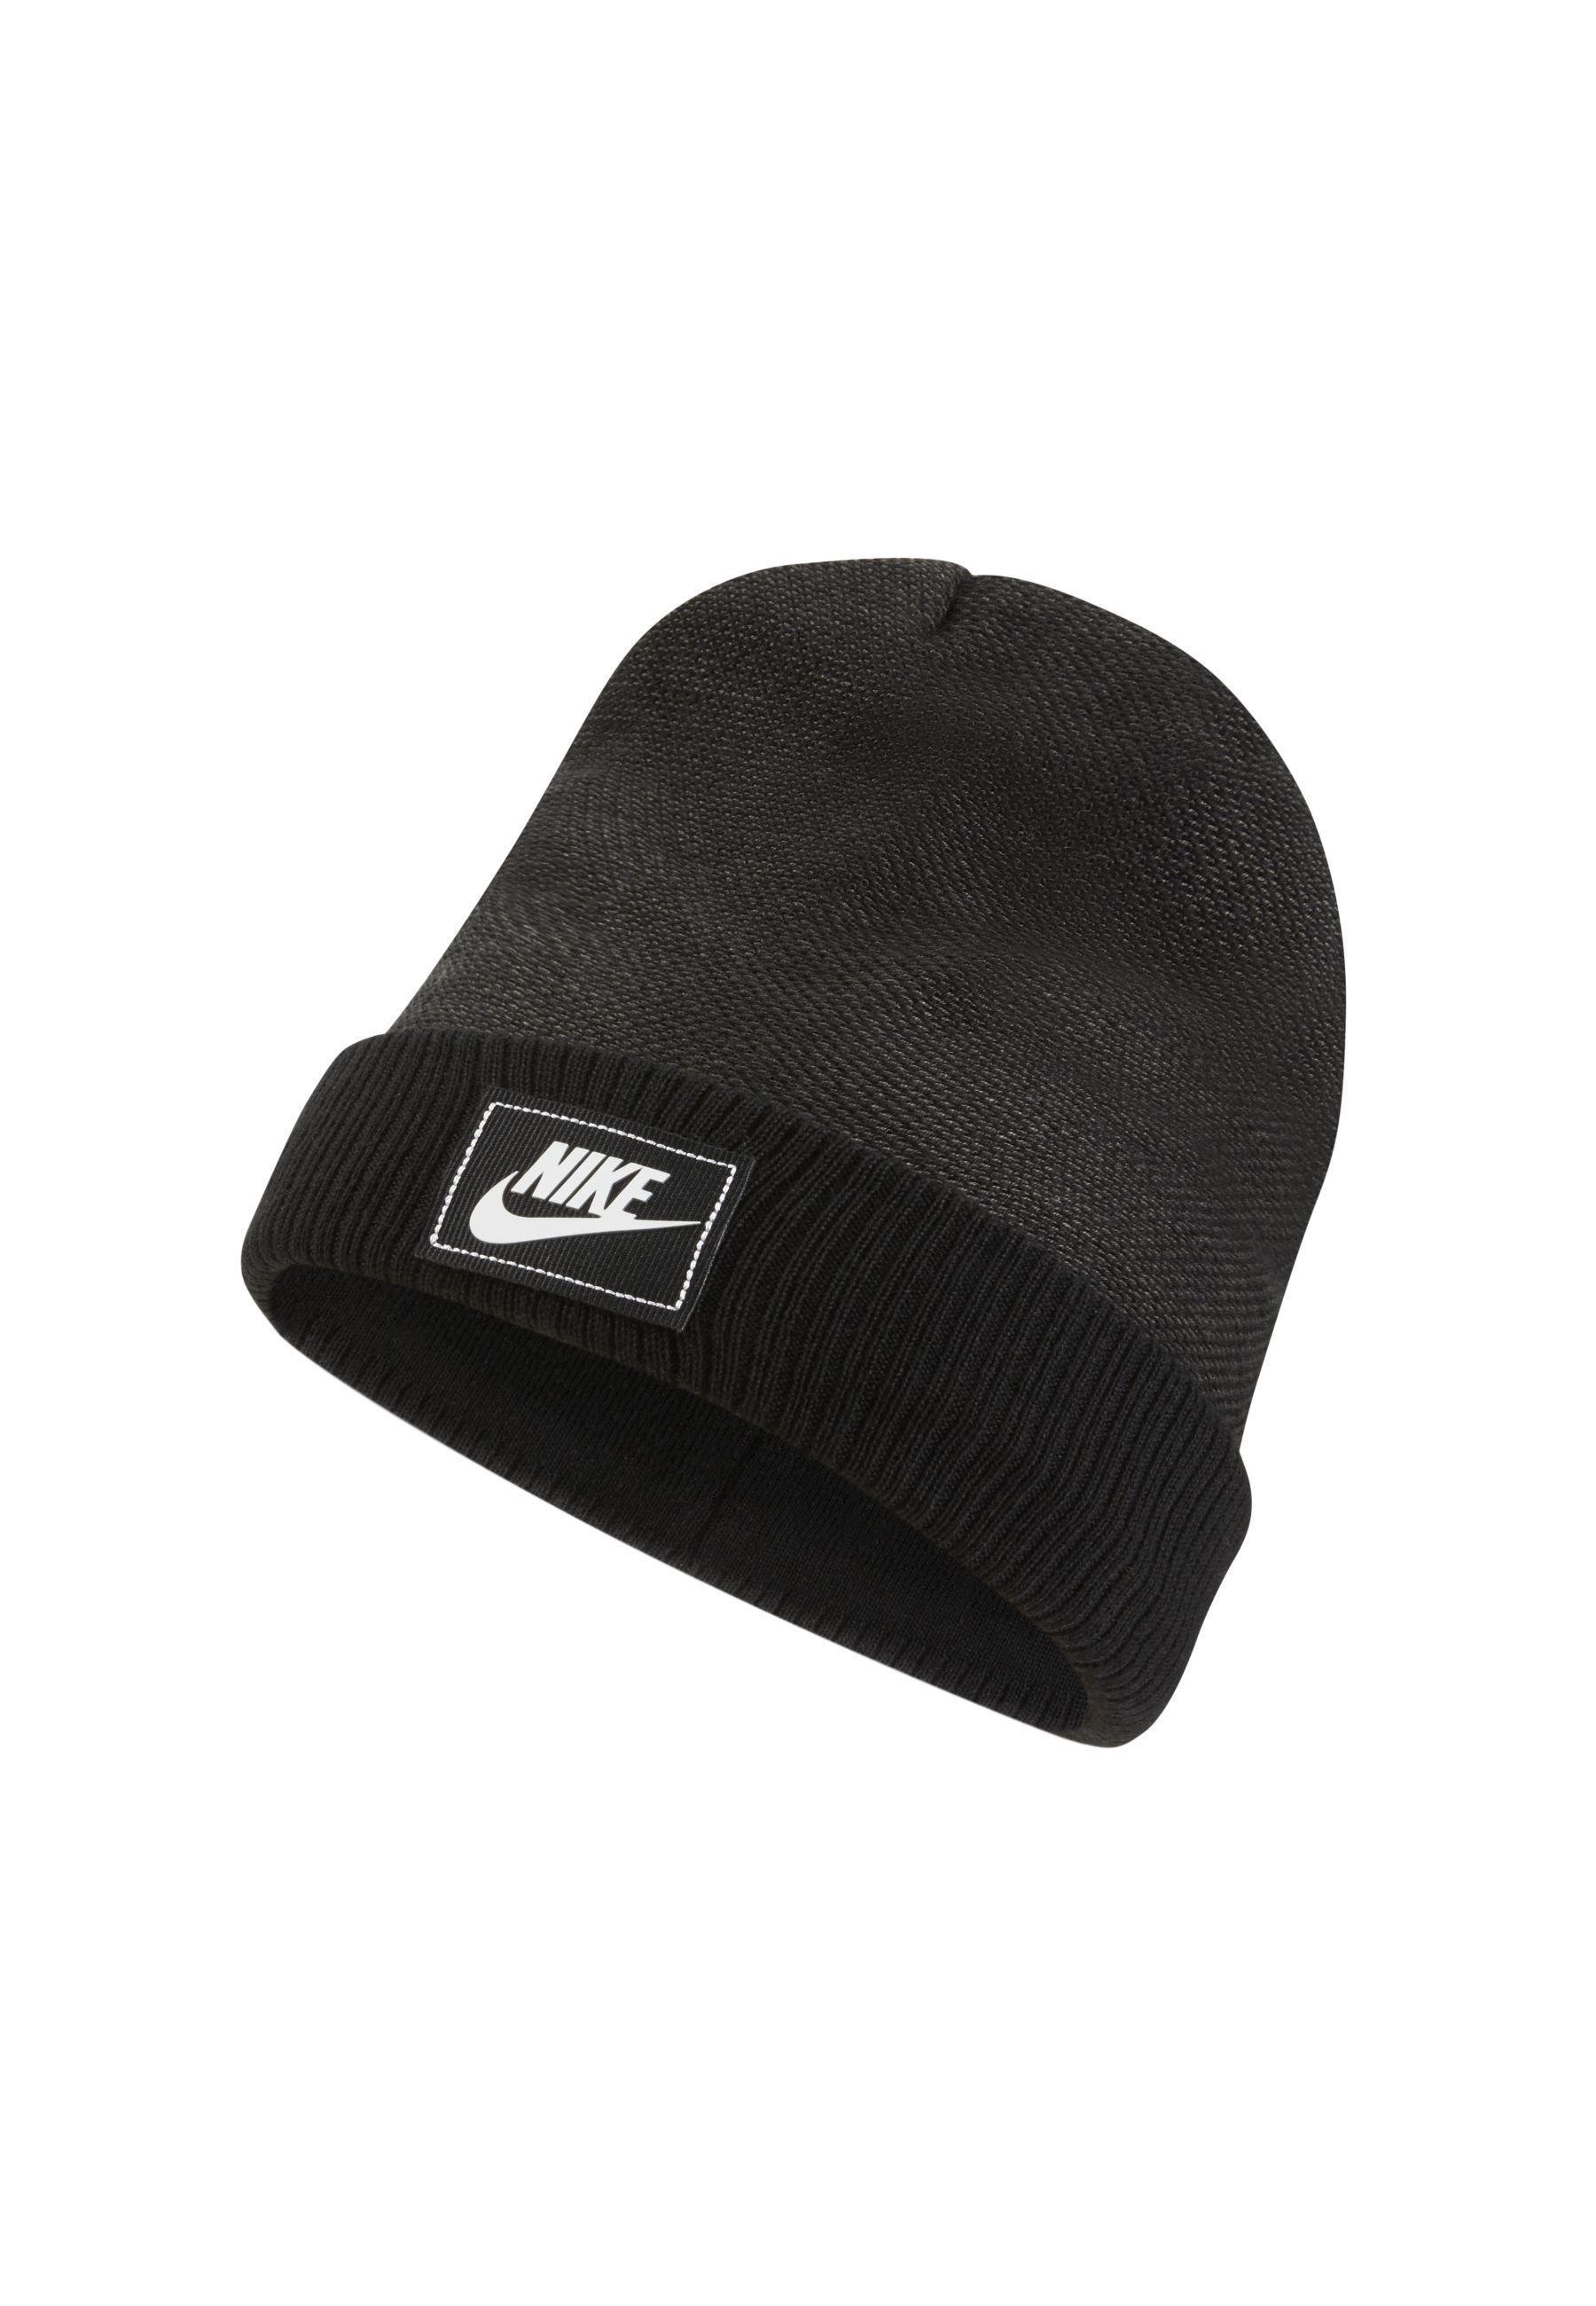 Nike Sportswear Cuffed - Mütze Medium Olive/oliv